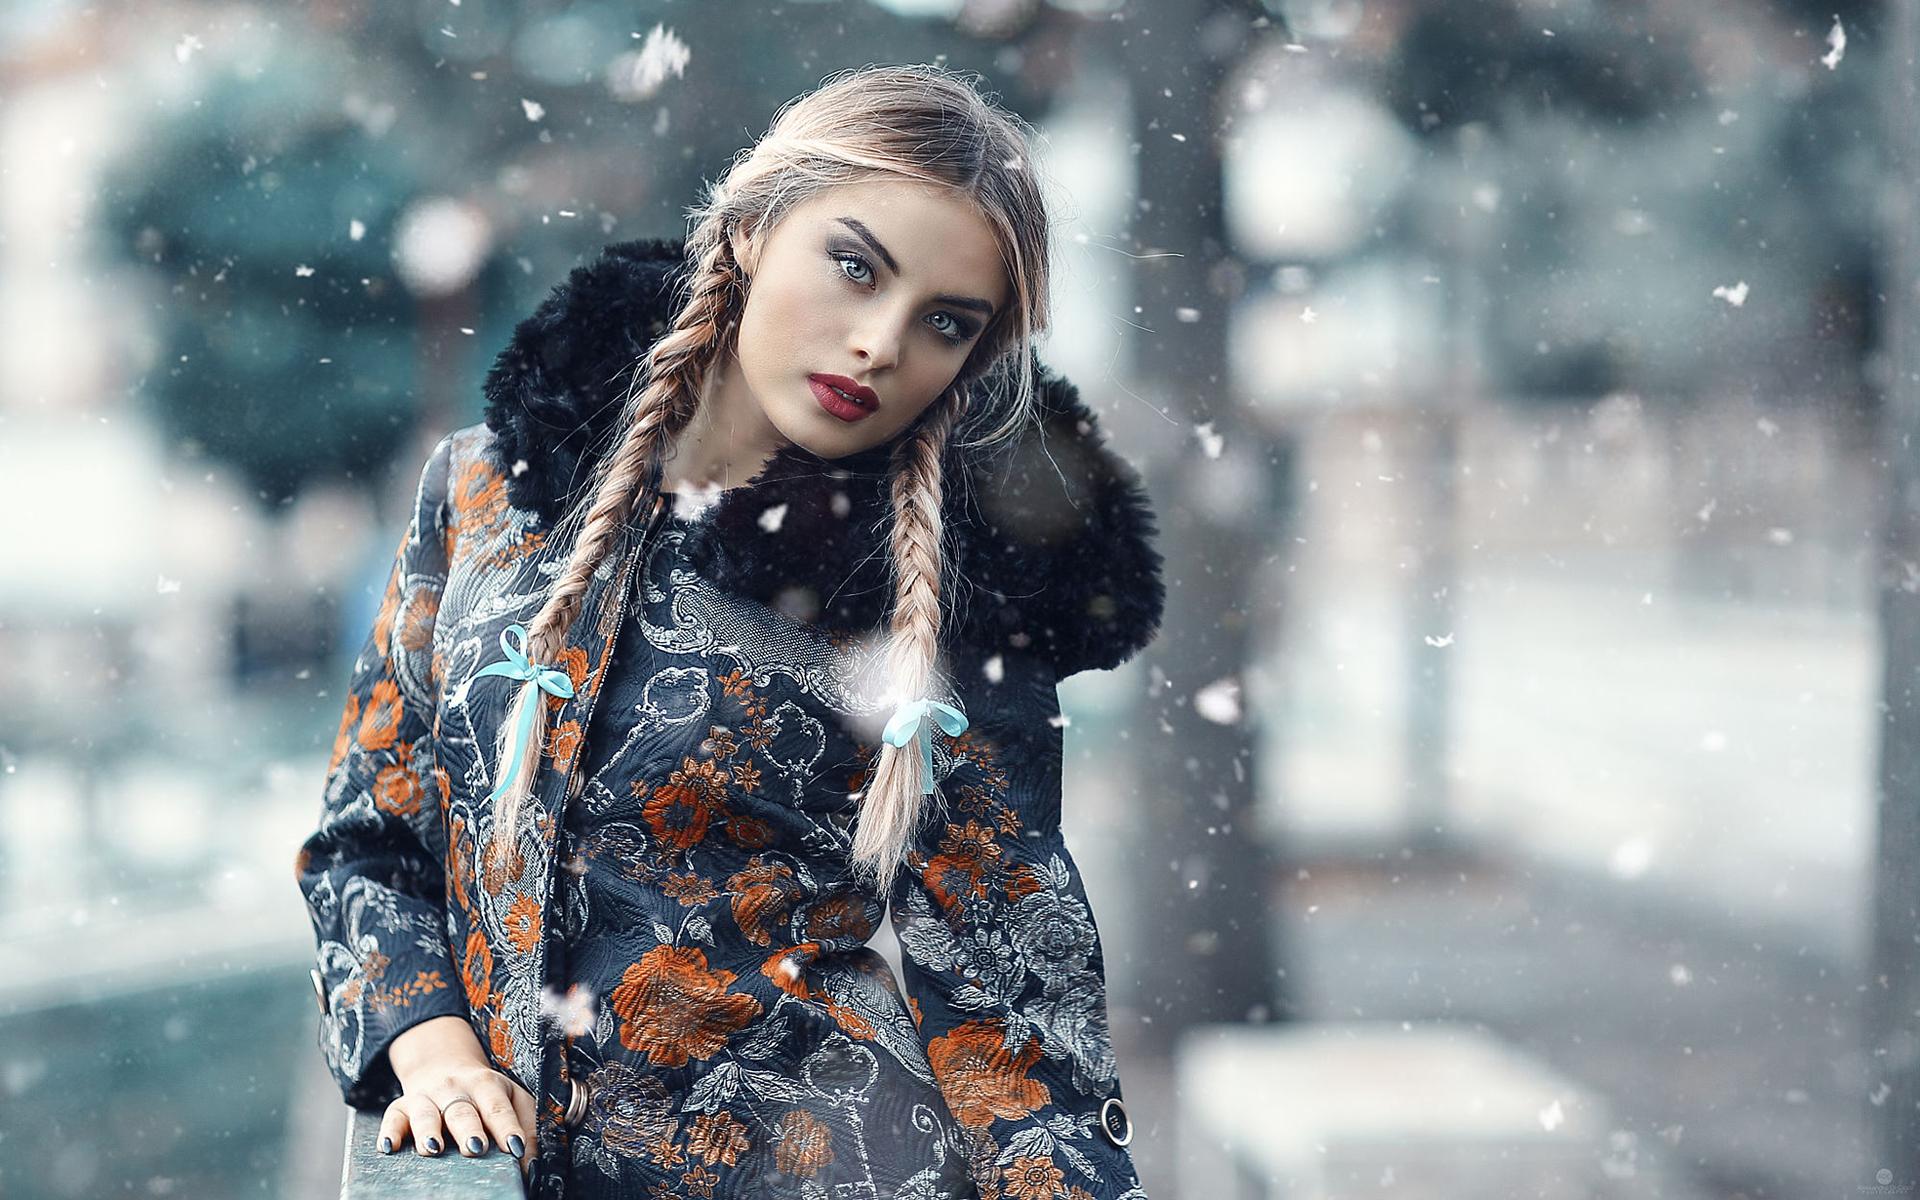 чтобы выглядеть как фотографировать в снежную погоду находятся